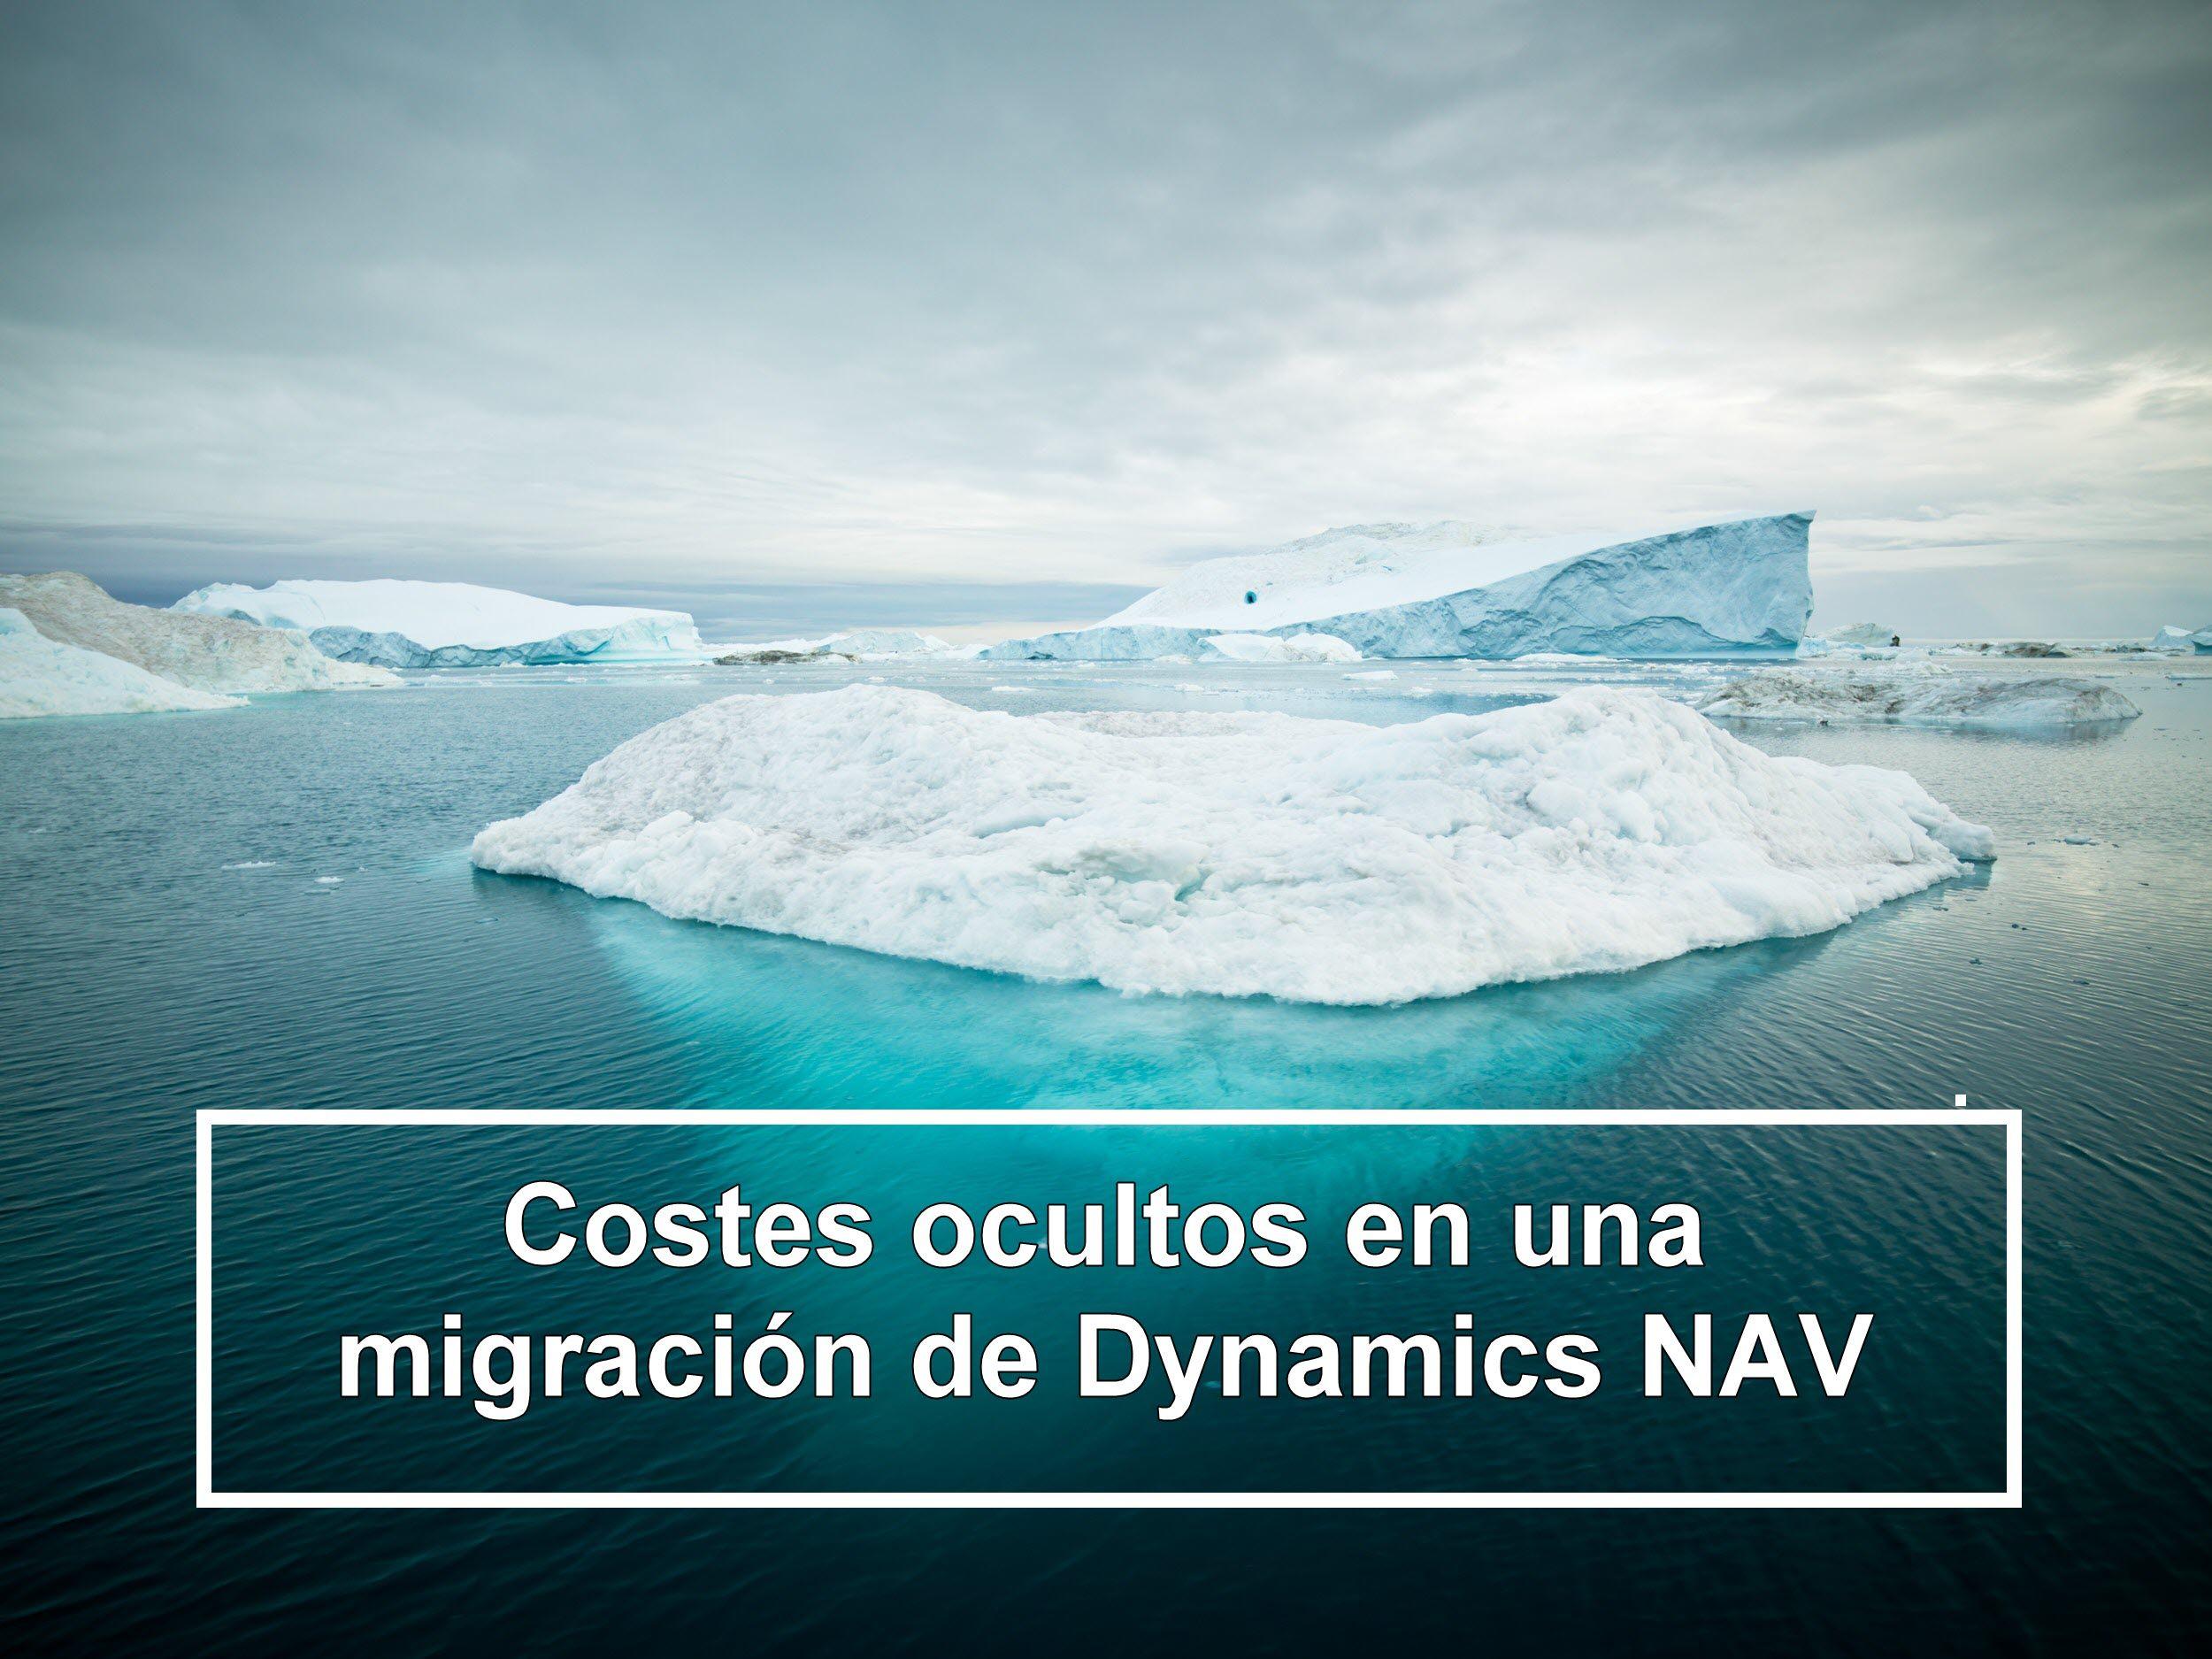 Costes ocultos migracion Dynamics NAV